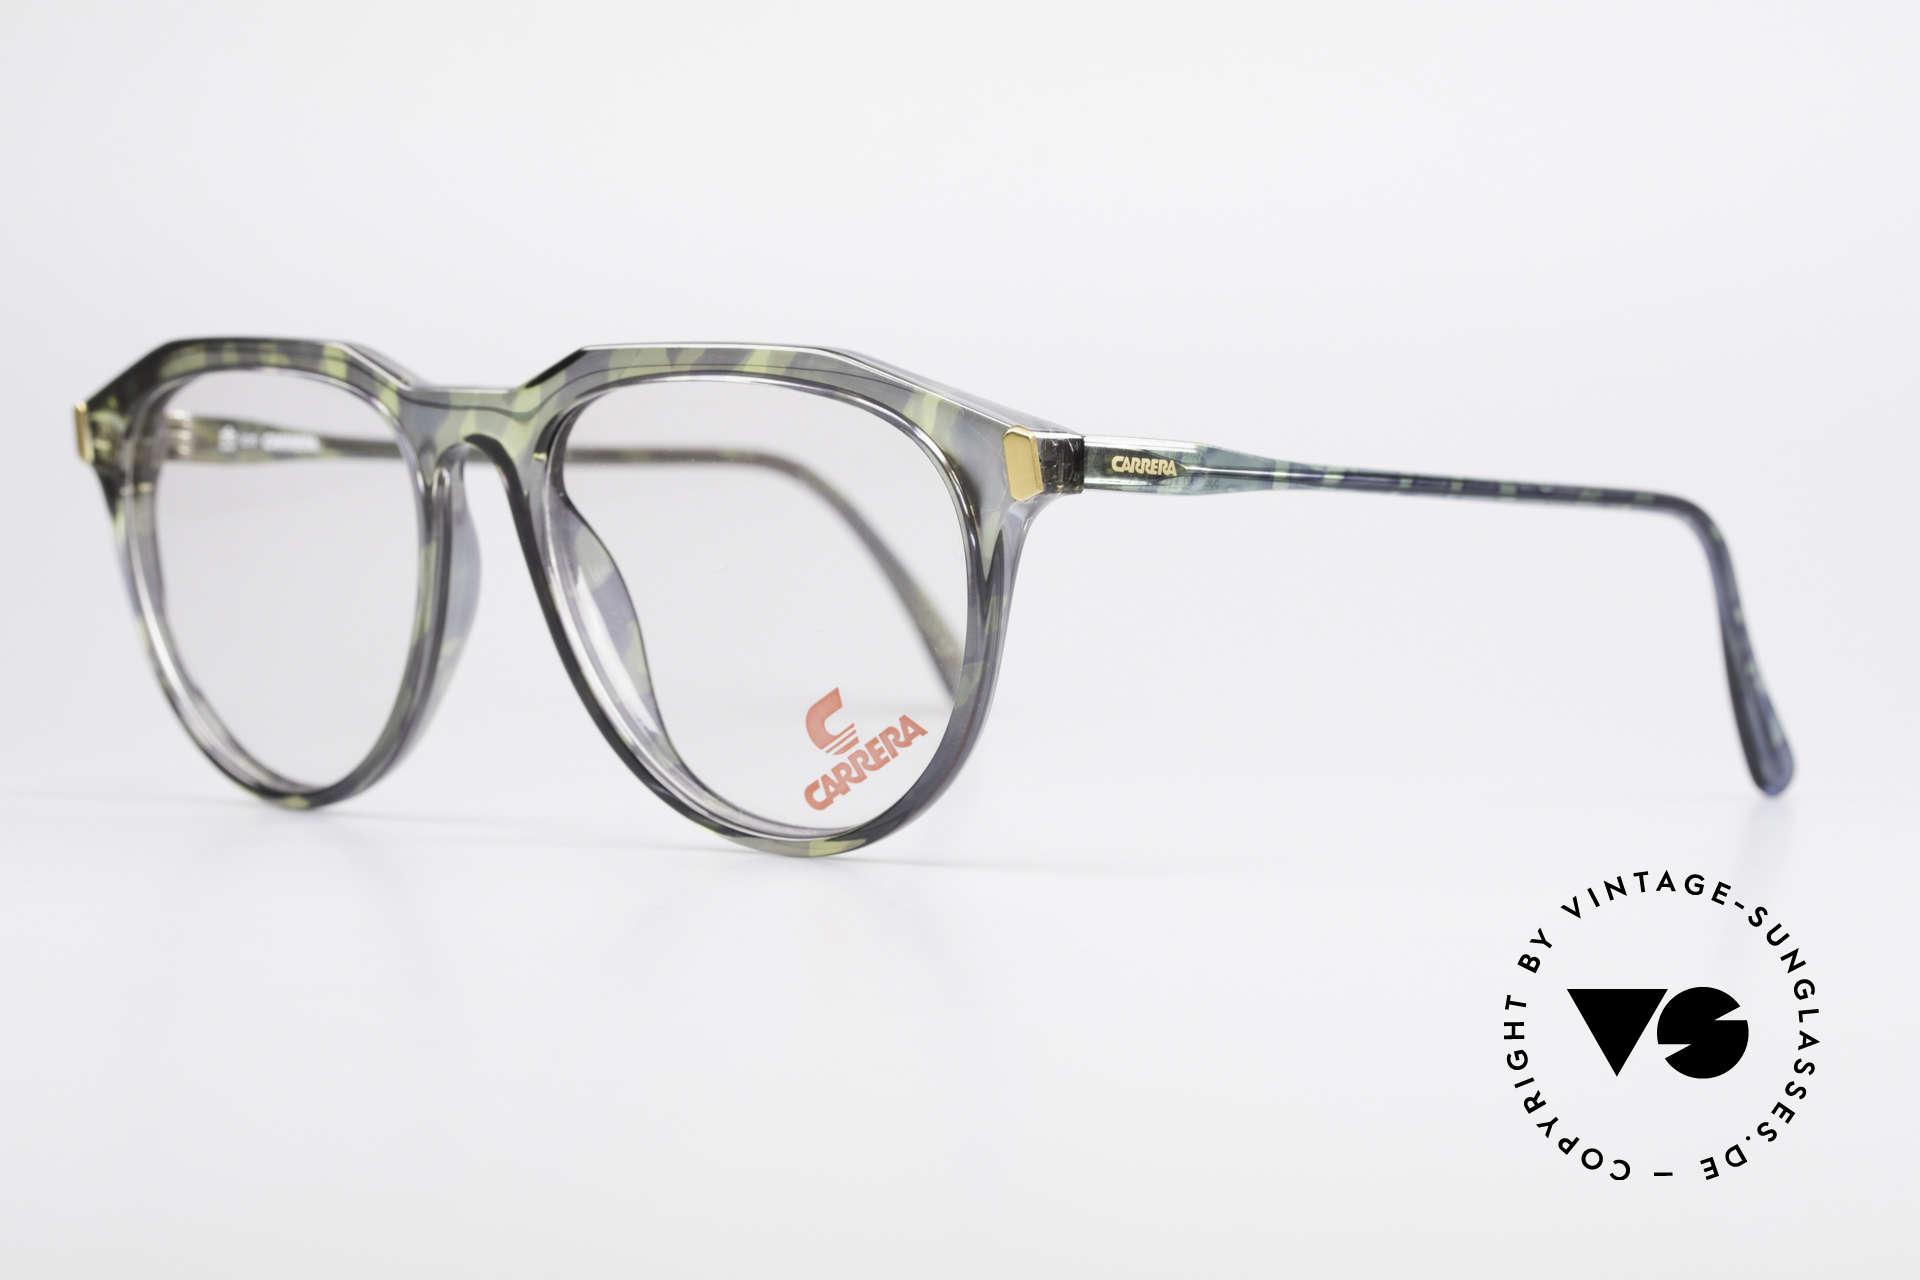 Carrera 5361 Vintage Optyl 90er Panto Brille, sehr leicht & daher entsprechend angenehm zu tragen, Passend für Herren